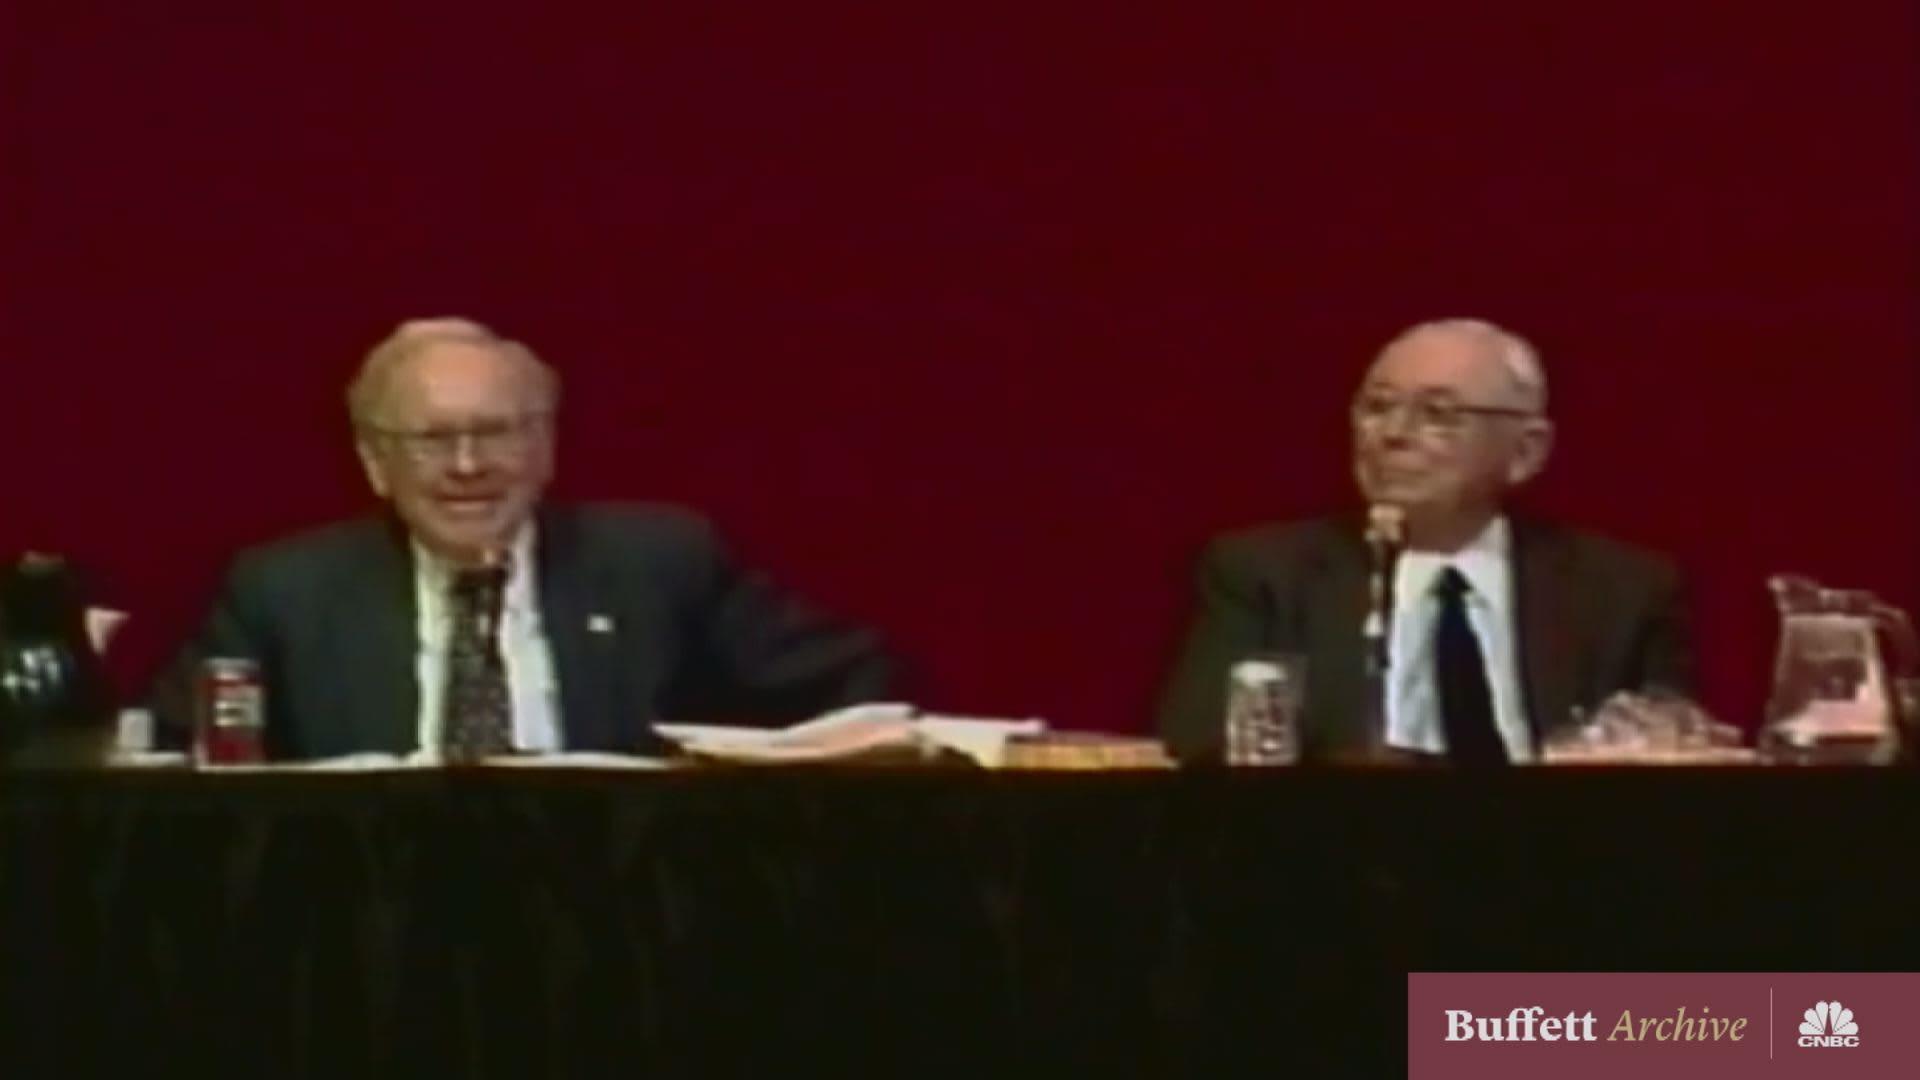 Buffett and Munger on friendship